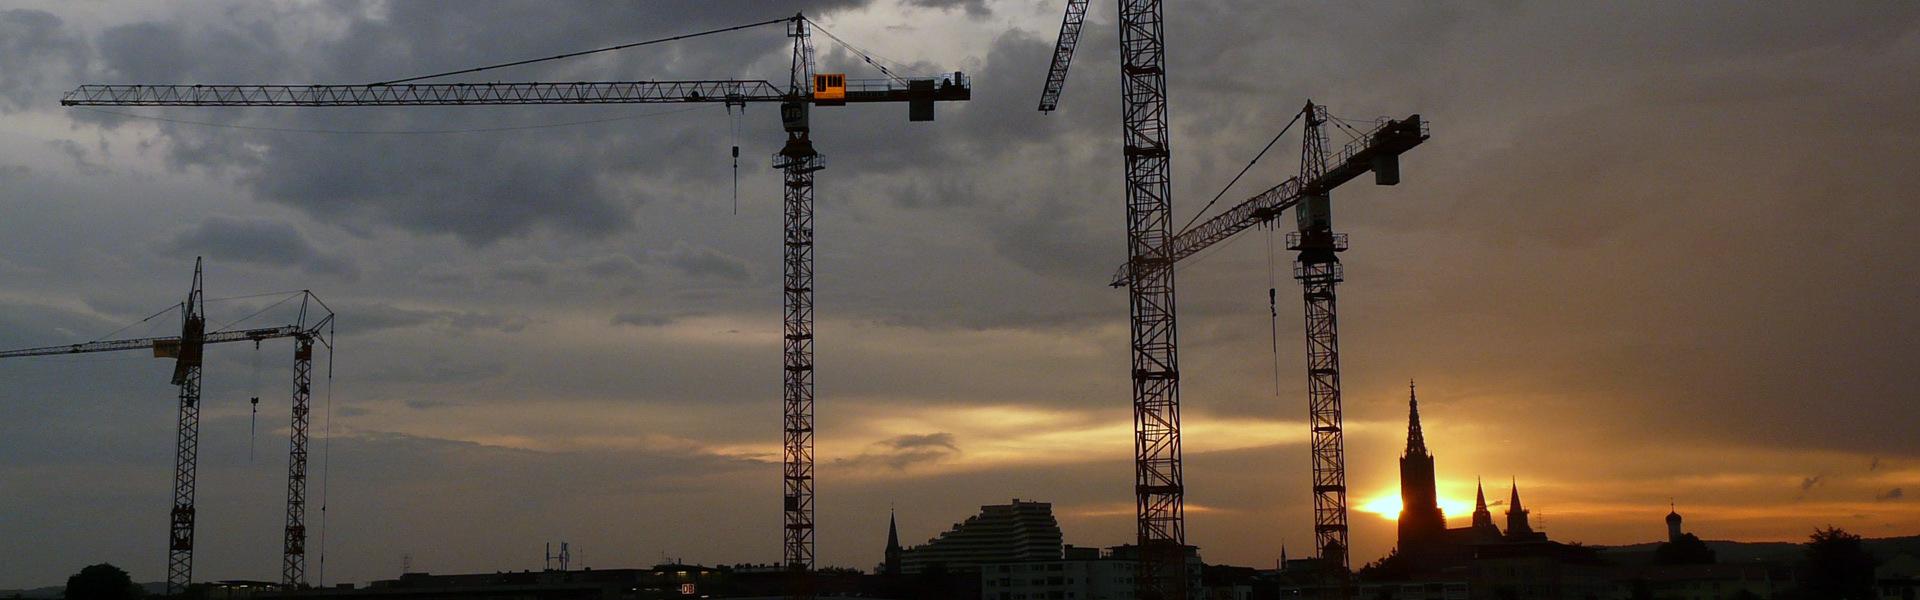 SKIBIŃSKI BUILDING STRUCTURES